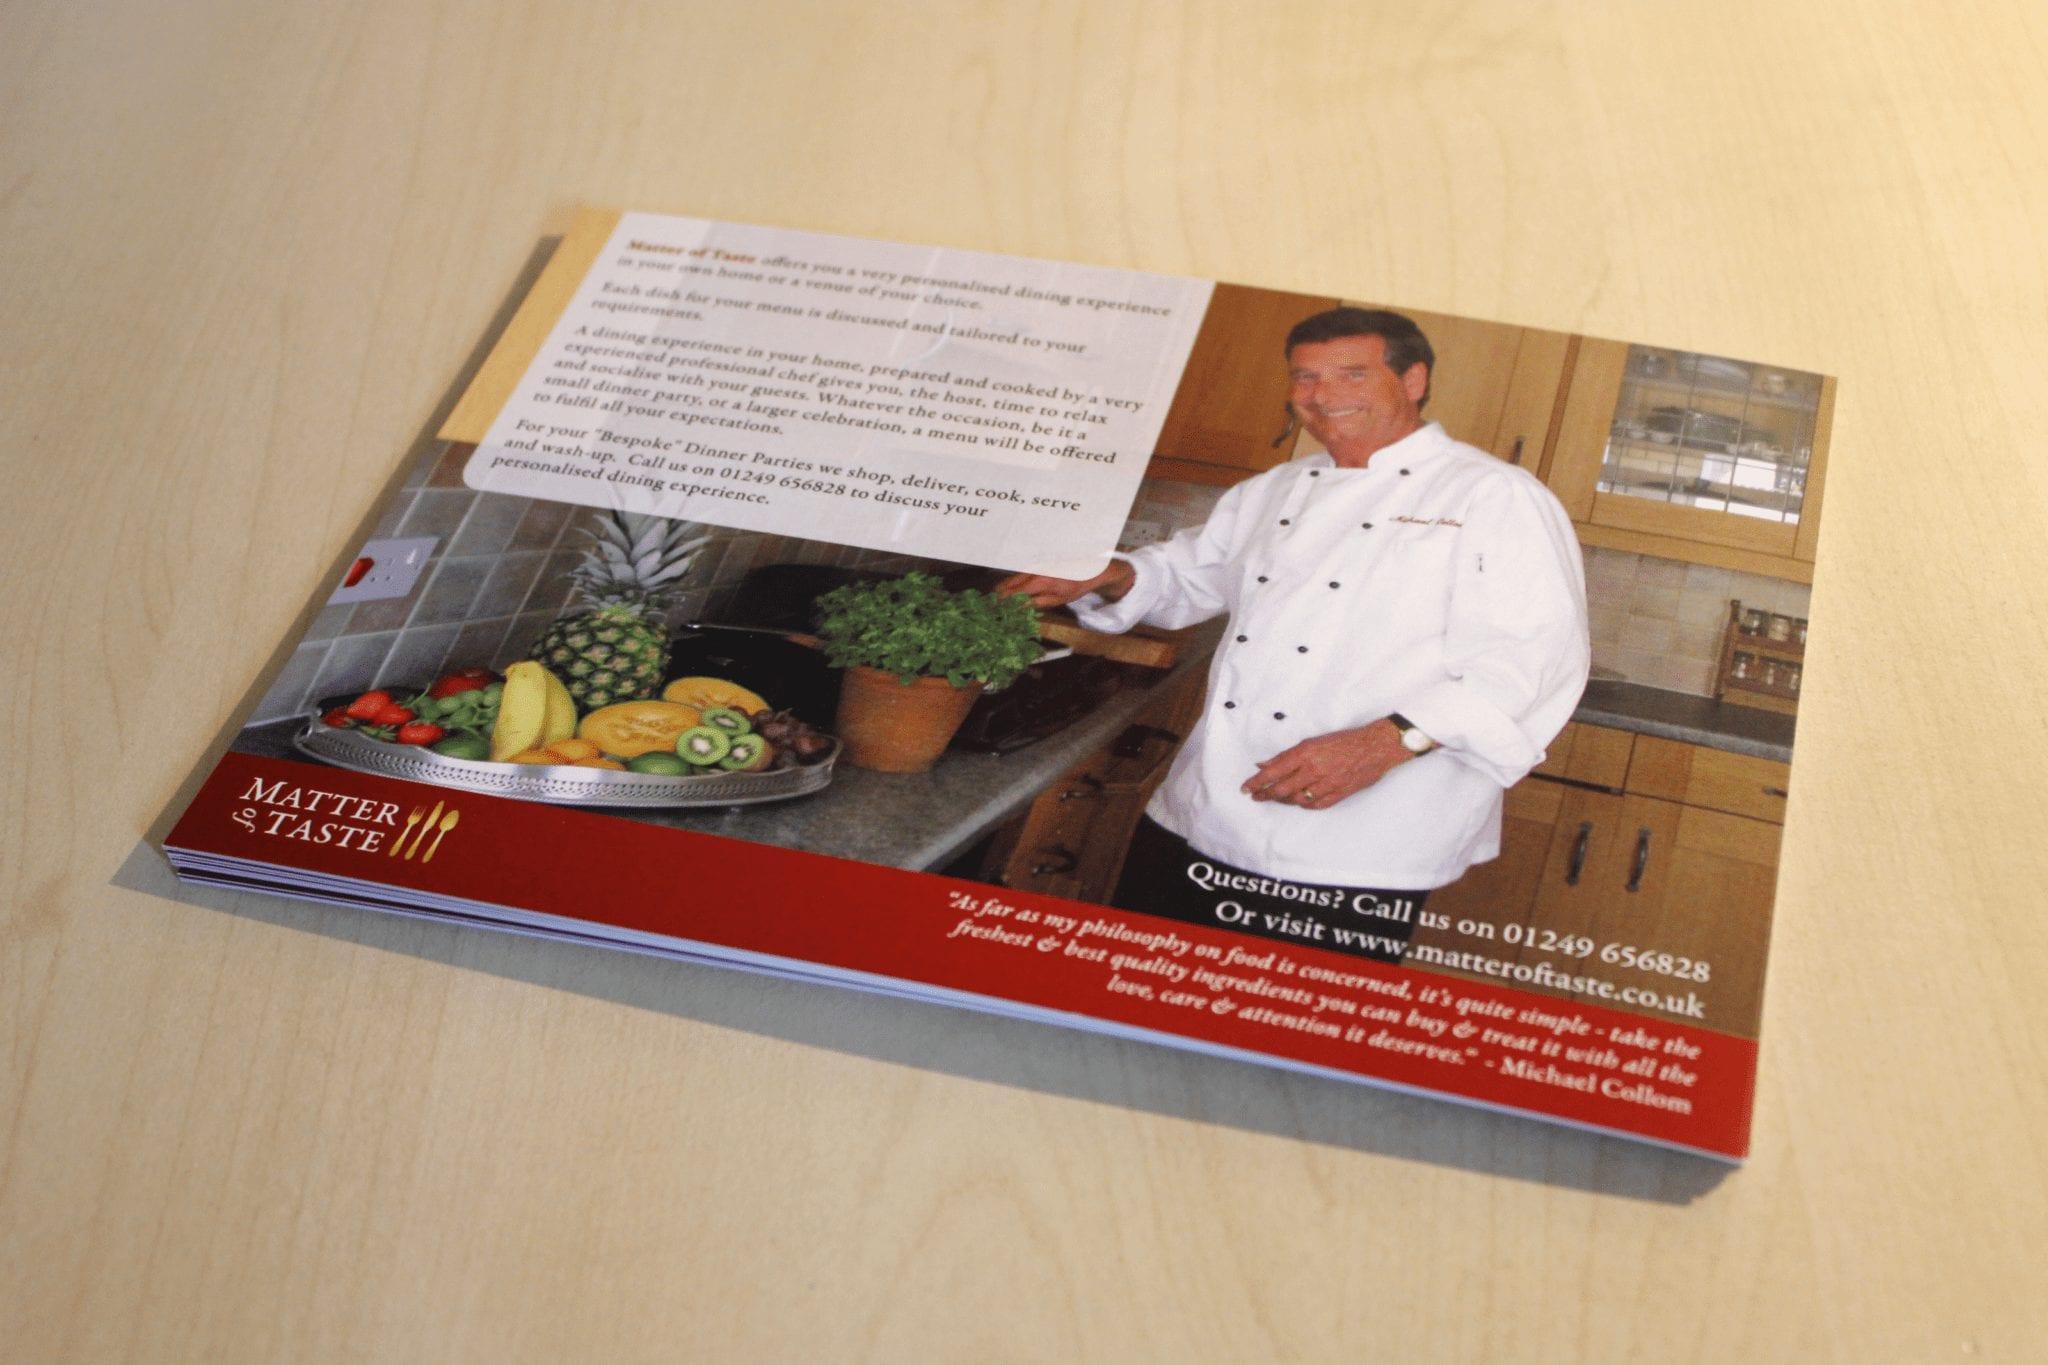 promotional-postcards-for-matter-of-taste.png